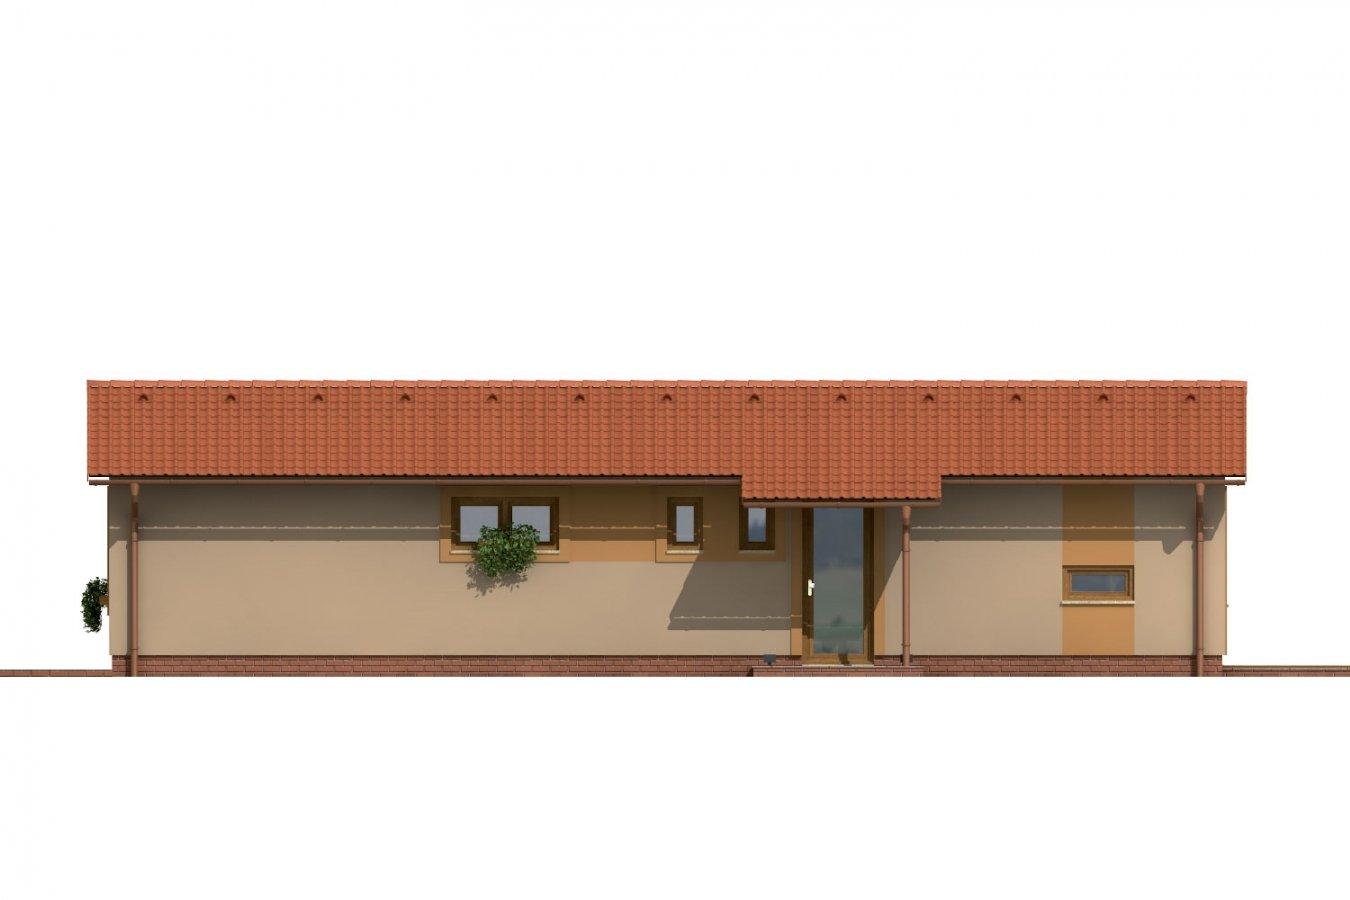 Pohľad 1. - Dom so sedlovou strechou vhodný na úzky pozemok.